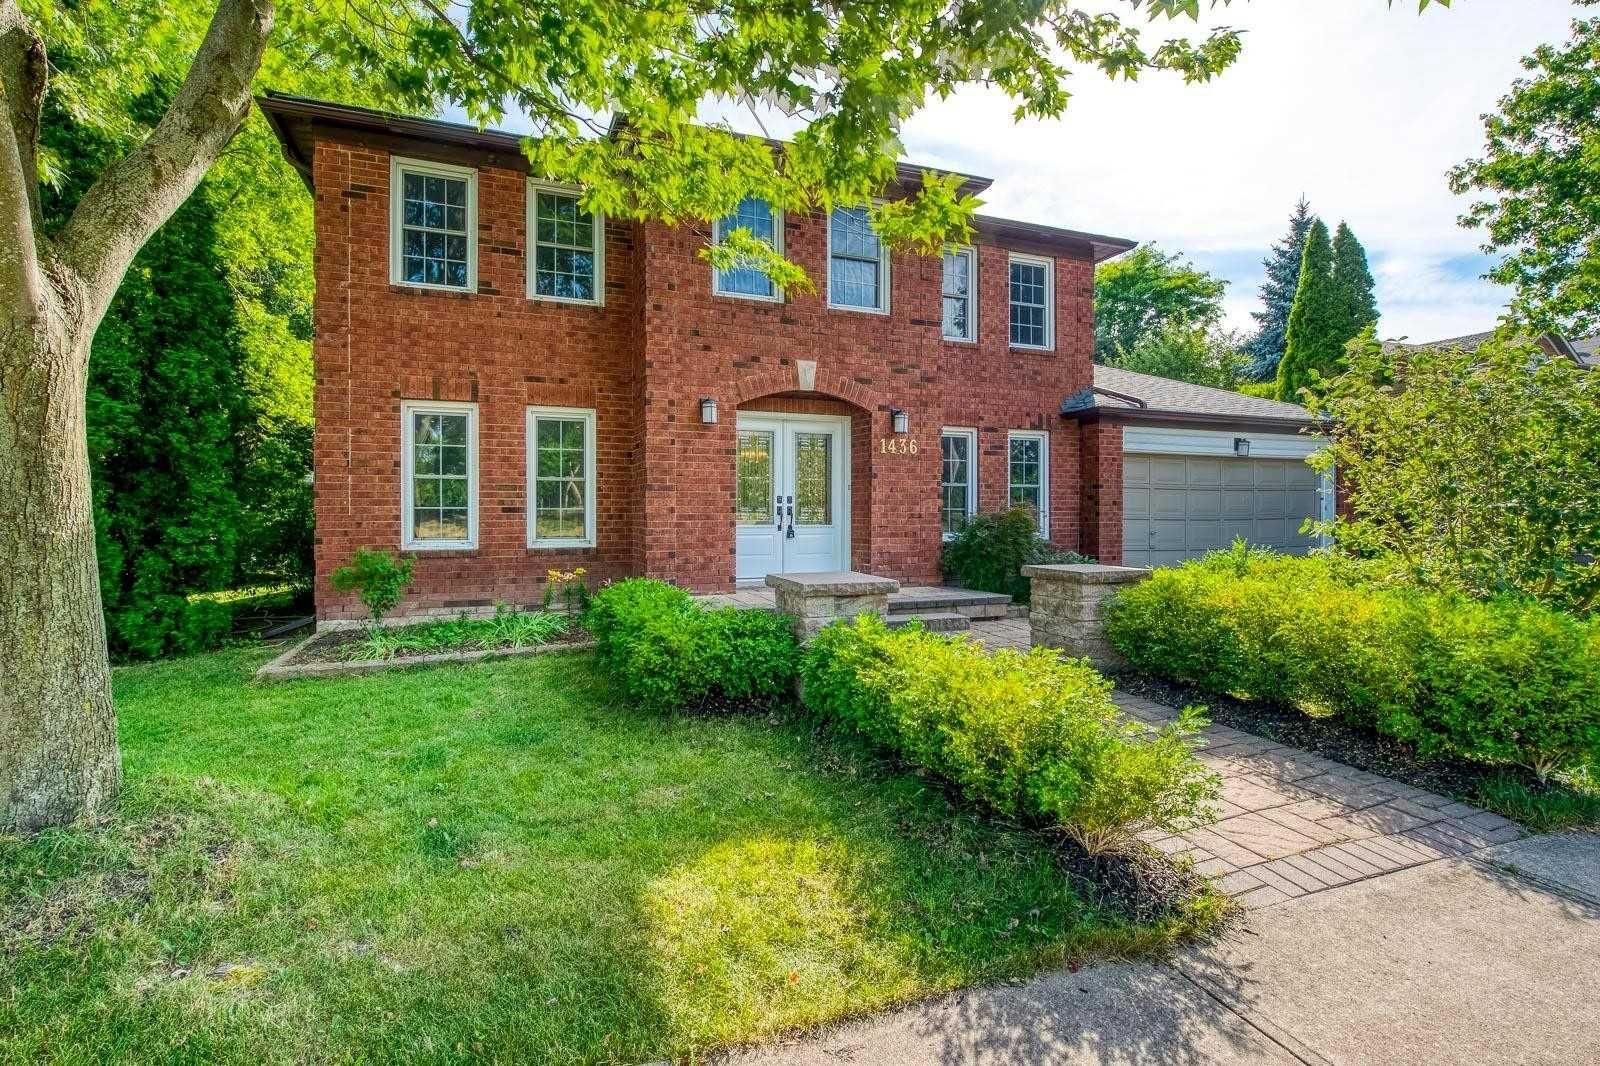 Main Photo: 1436 Ambercroft Lane in Oakville: Glen Abbey House (2-Storey) for lease : MLS®# W4832628